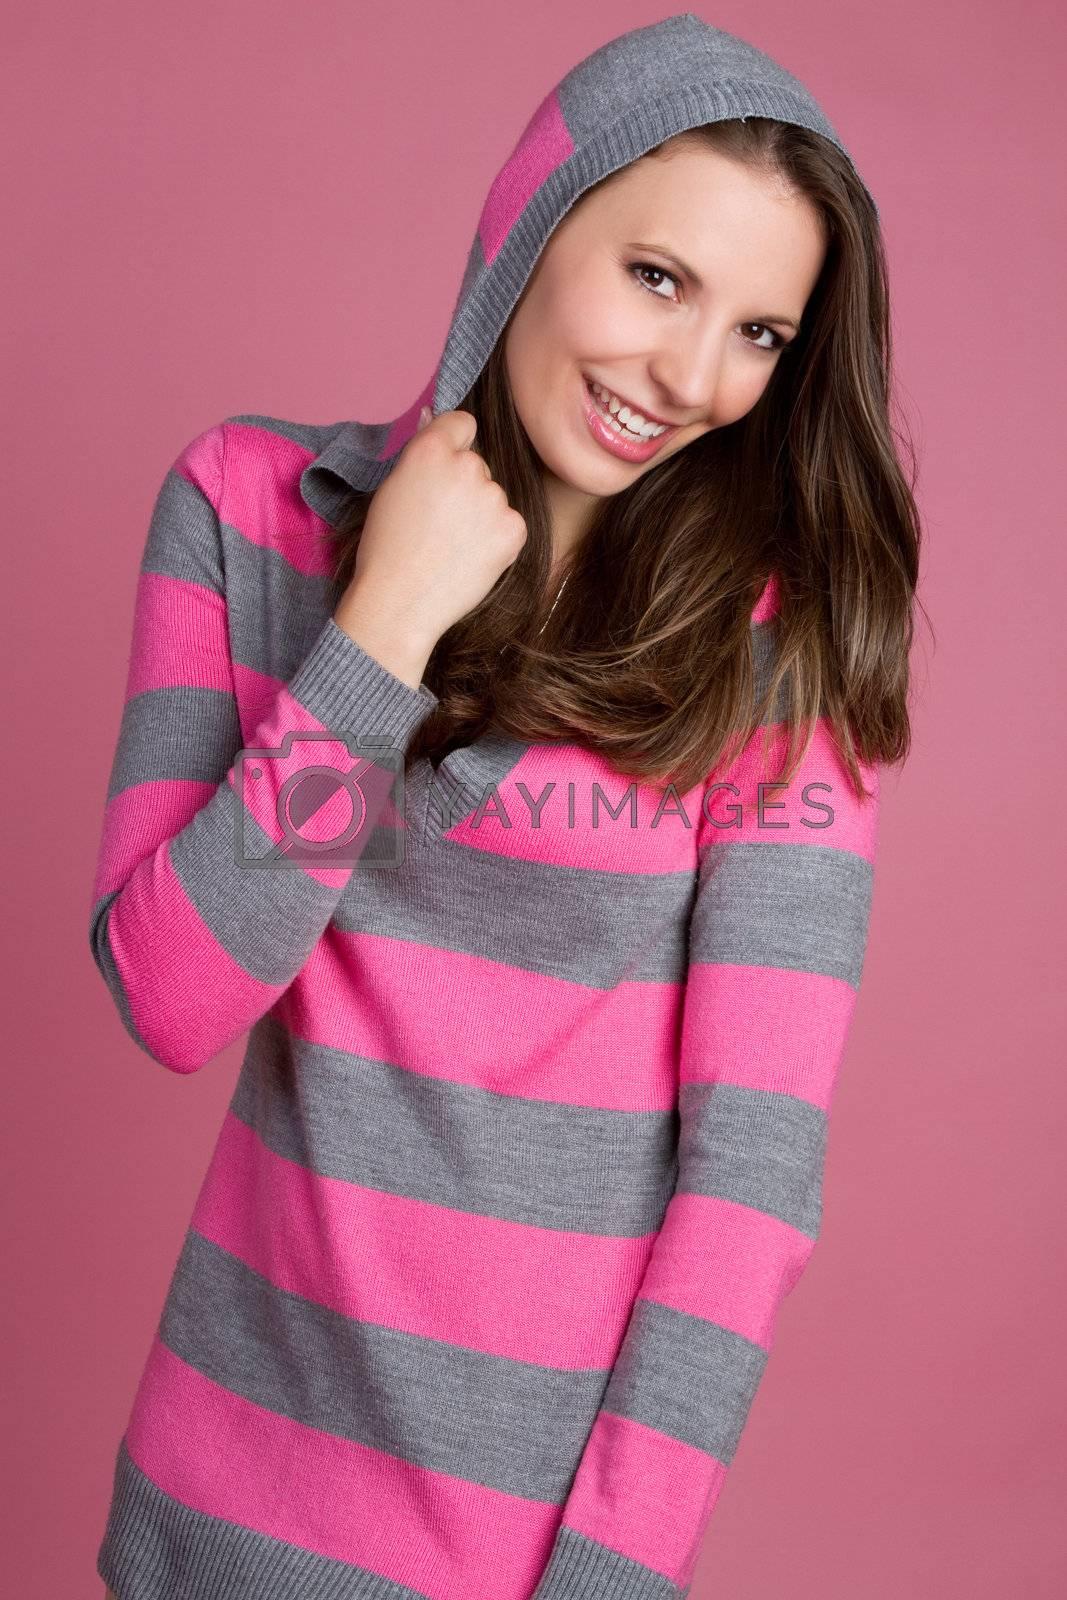 Beautiful smiling girl wearing pink